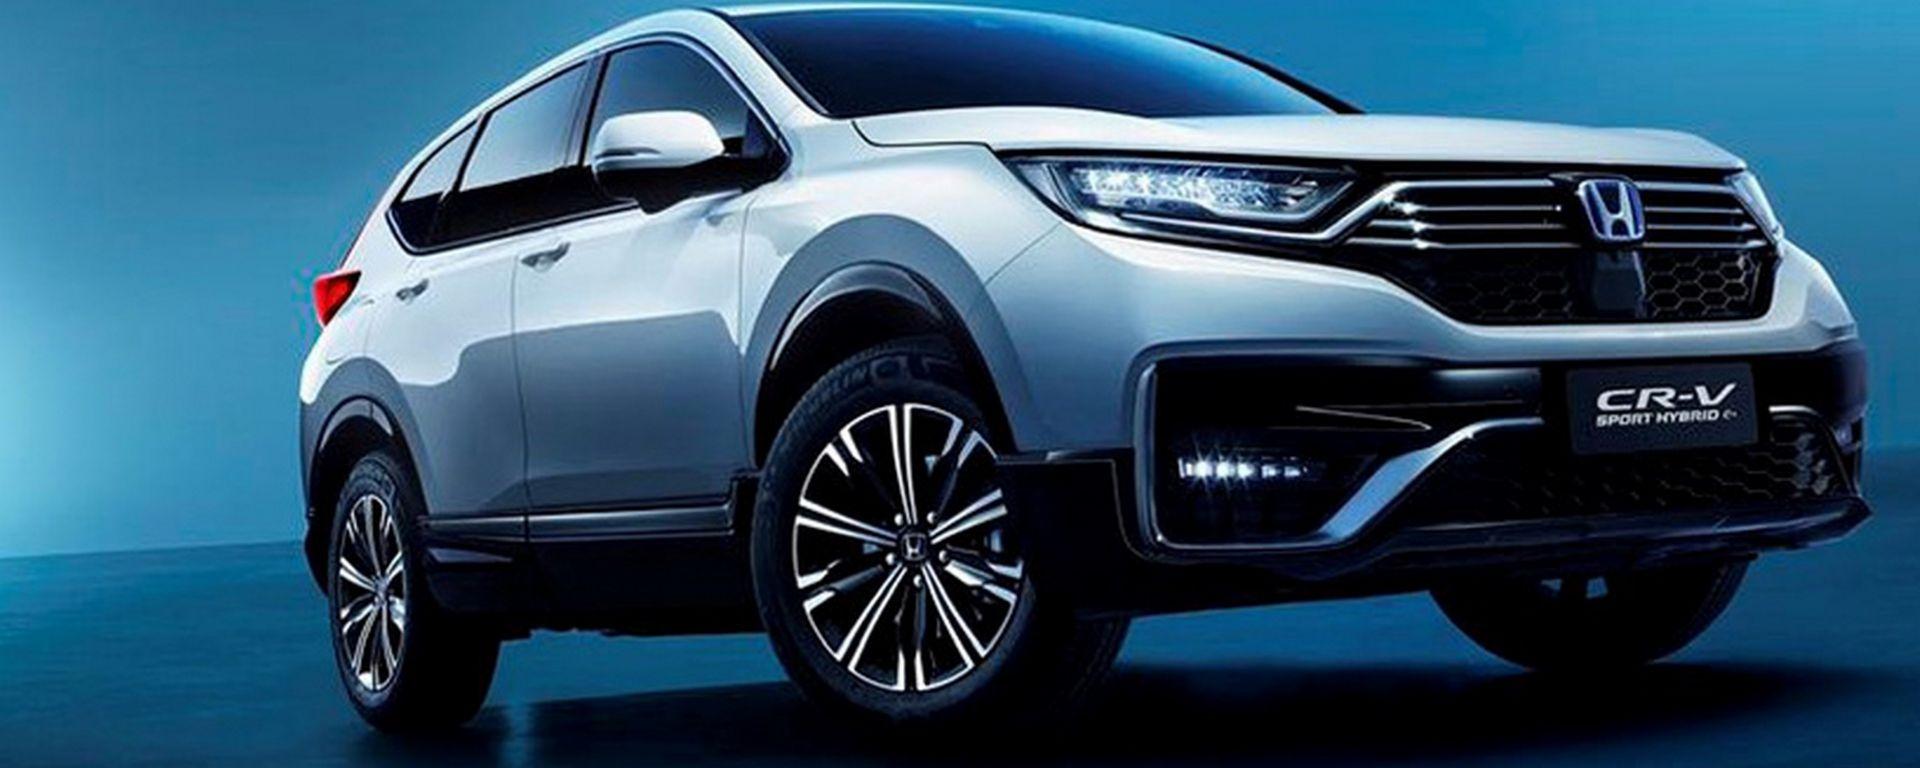 Honda CR-V Plug-in